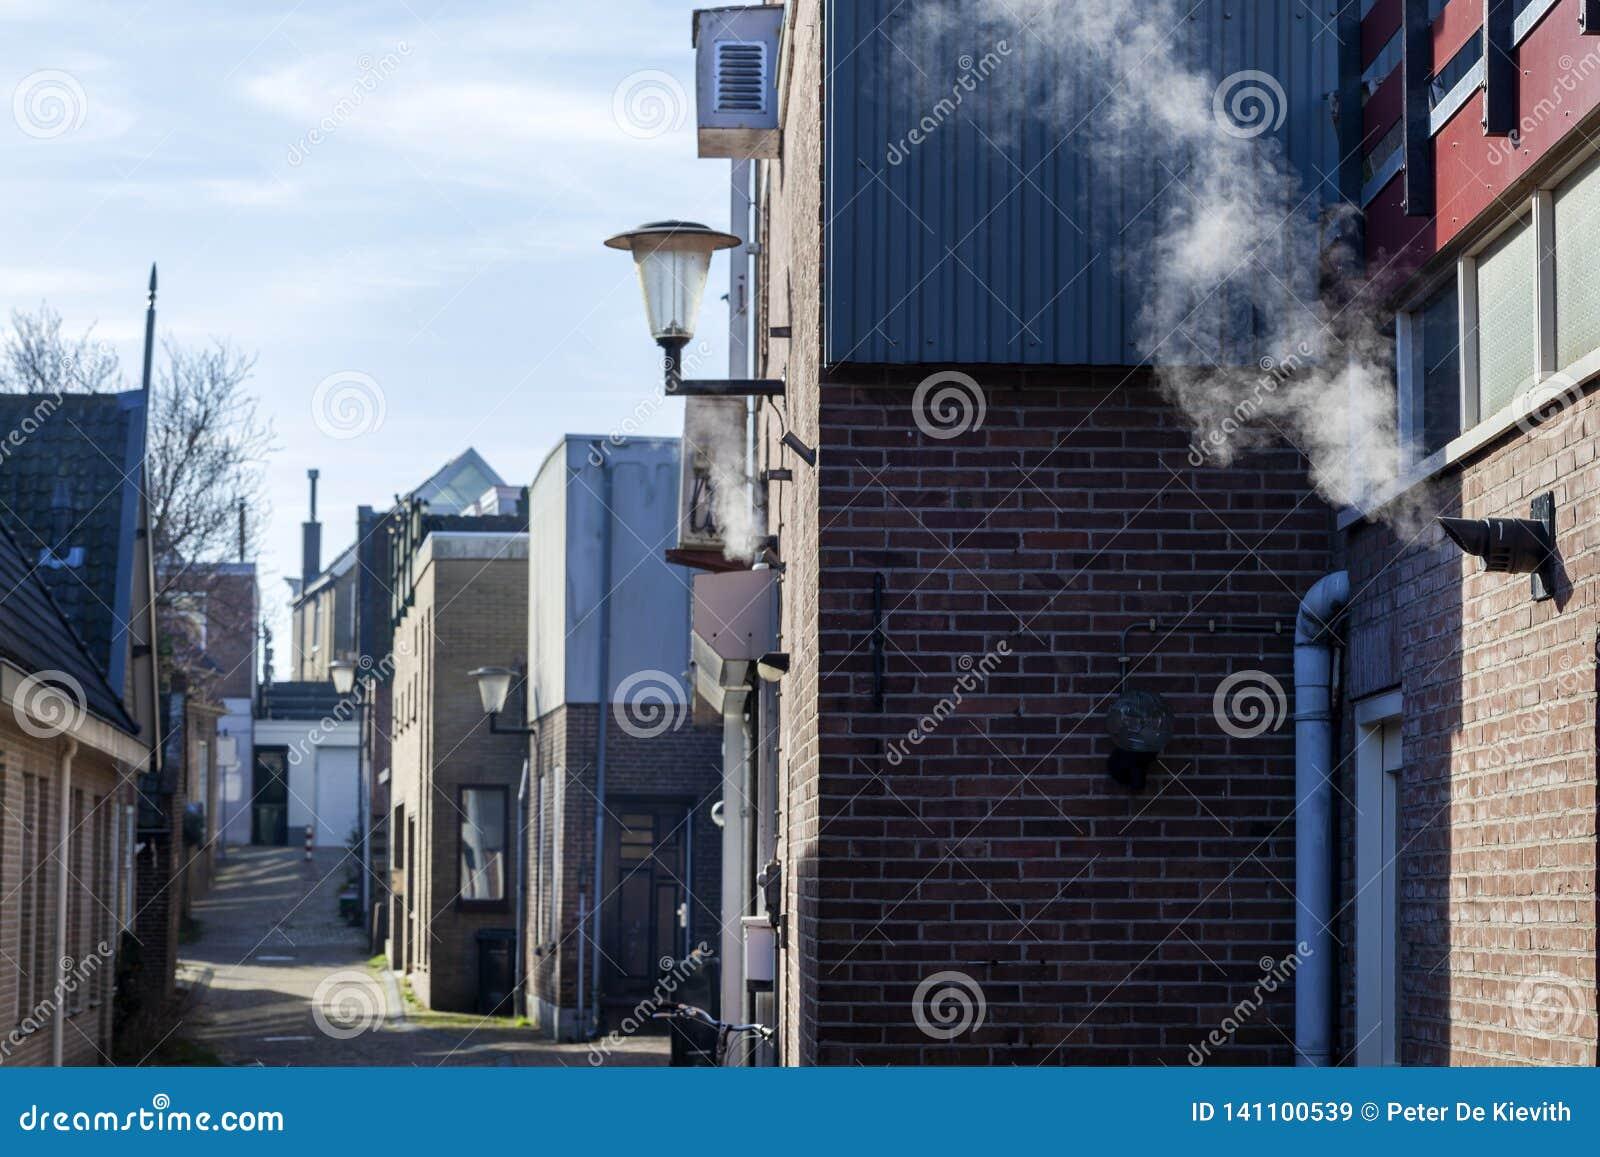 Kleine straat met uitstekende industriële gebouwen